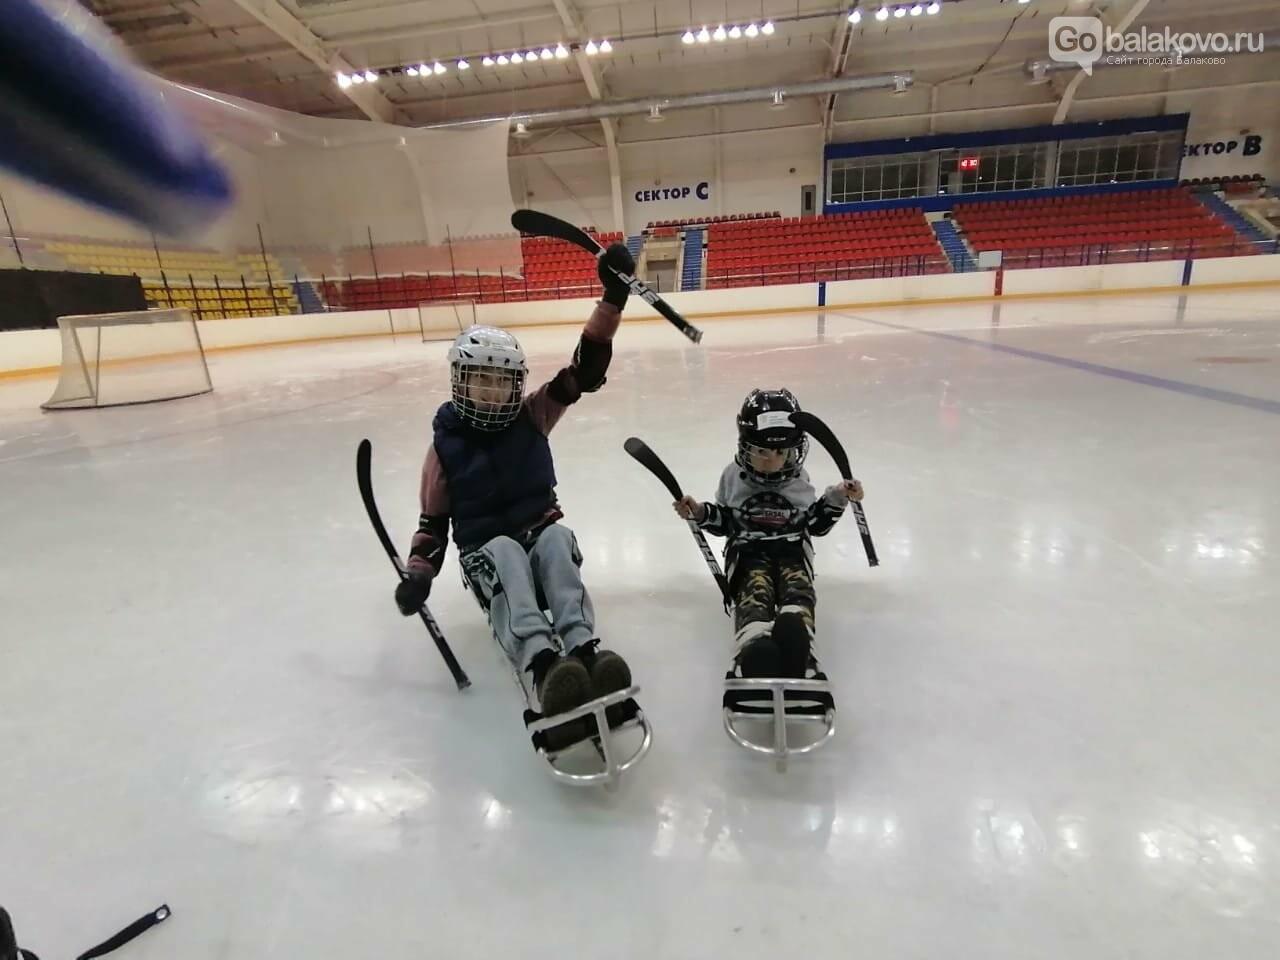 Хоккей без границ: балаковская команда ищет тренера и отзывчивых людей, фото-6